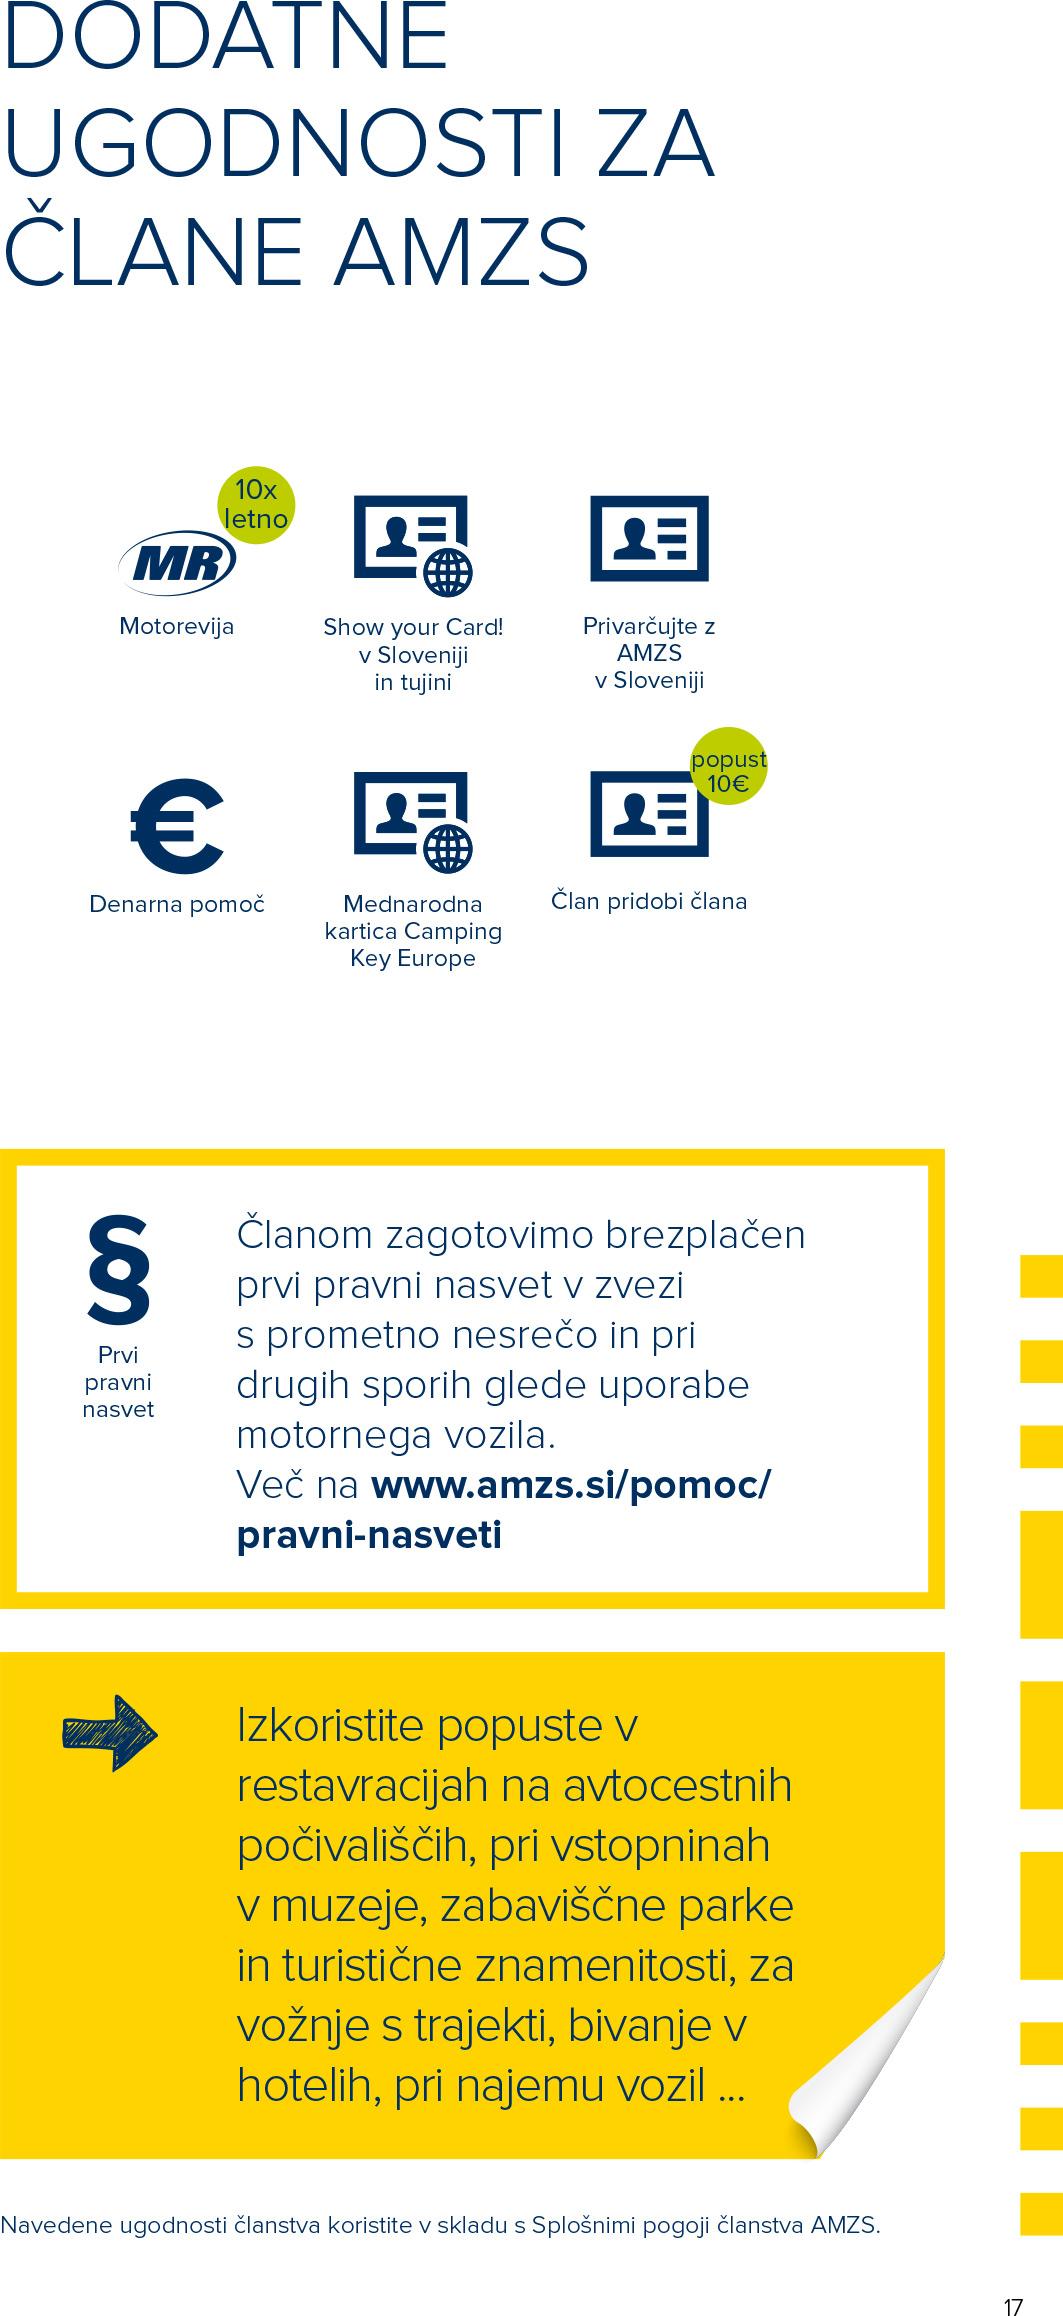 amzs_clanska_knjizica_2016_2017_splet-9